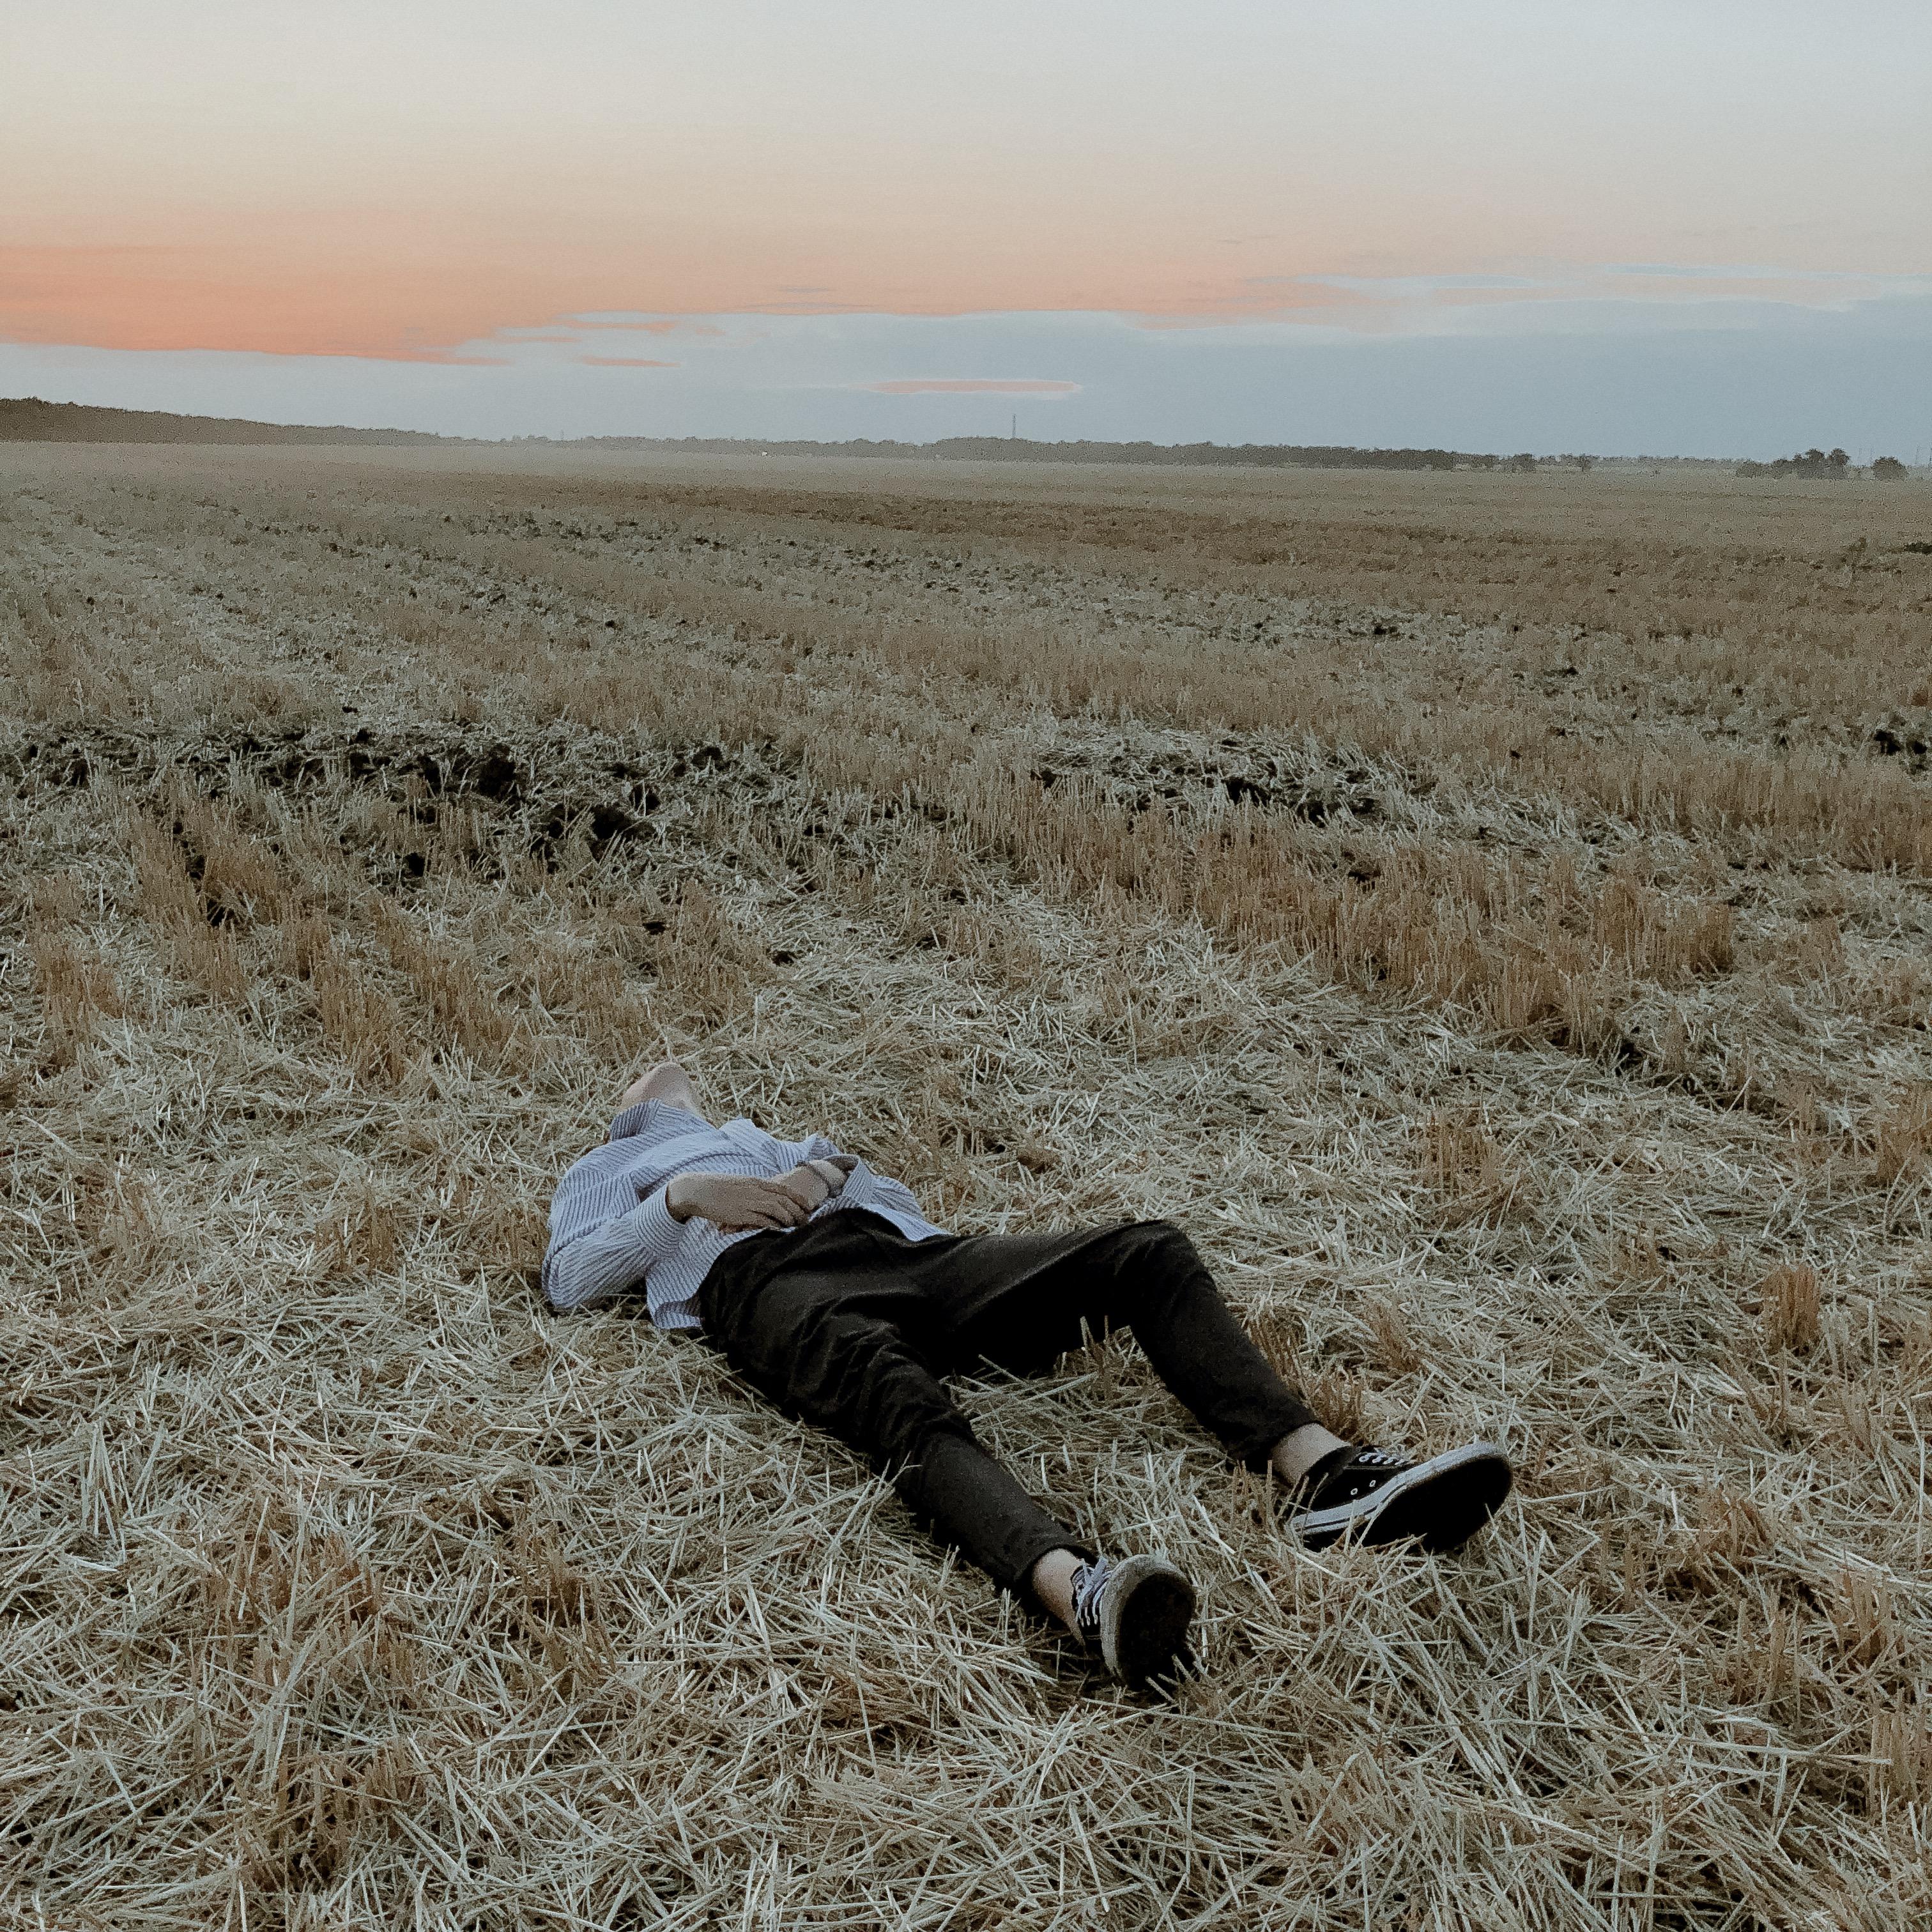 Зупинення деградації… людини чи земель?